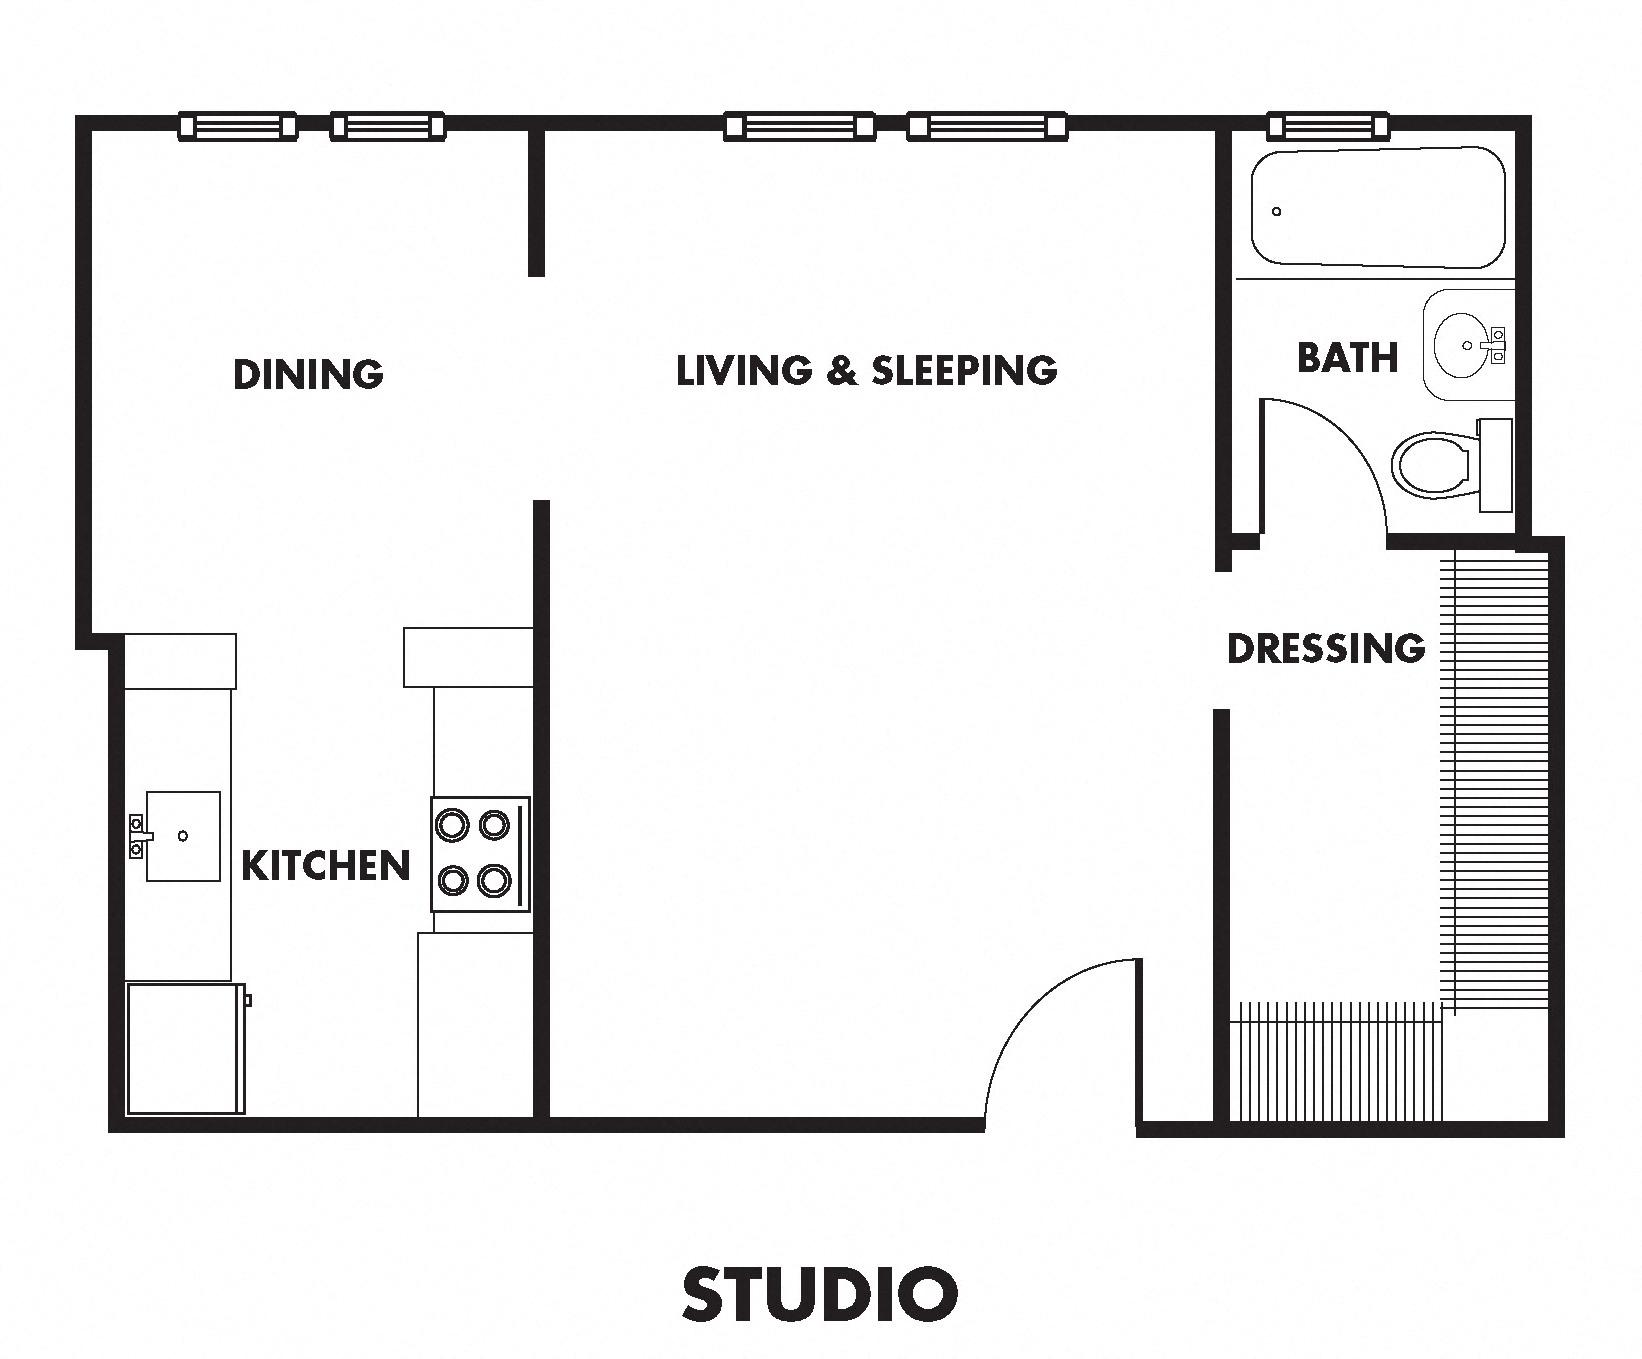 Studio (S1)